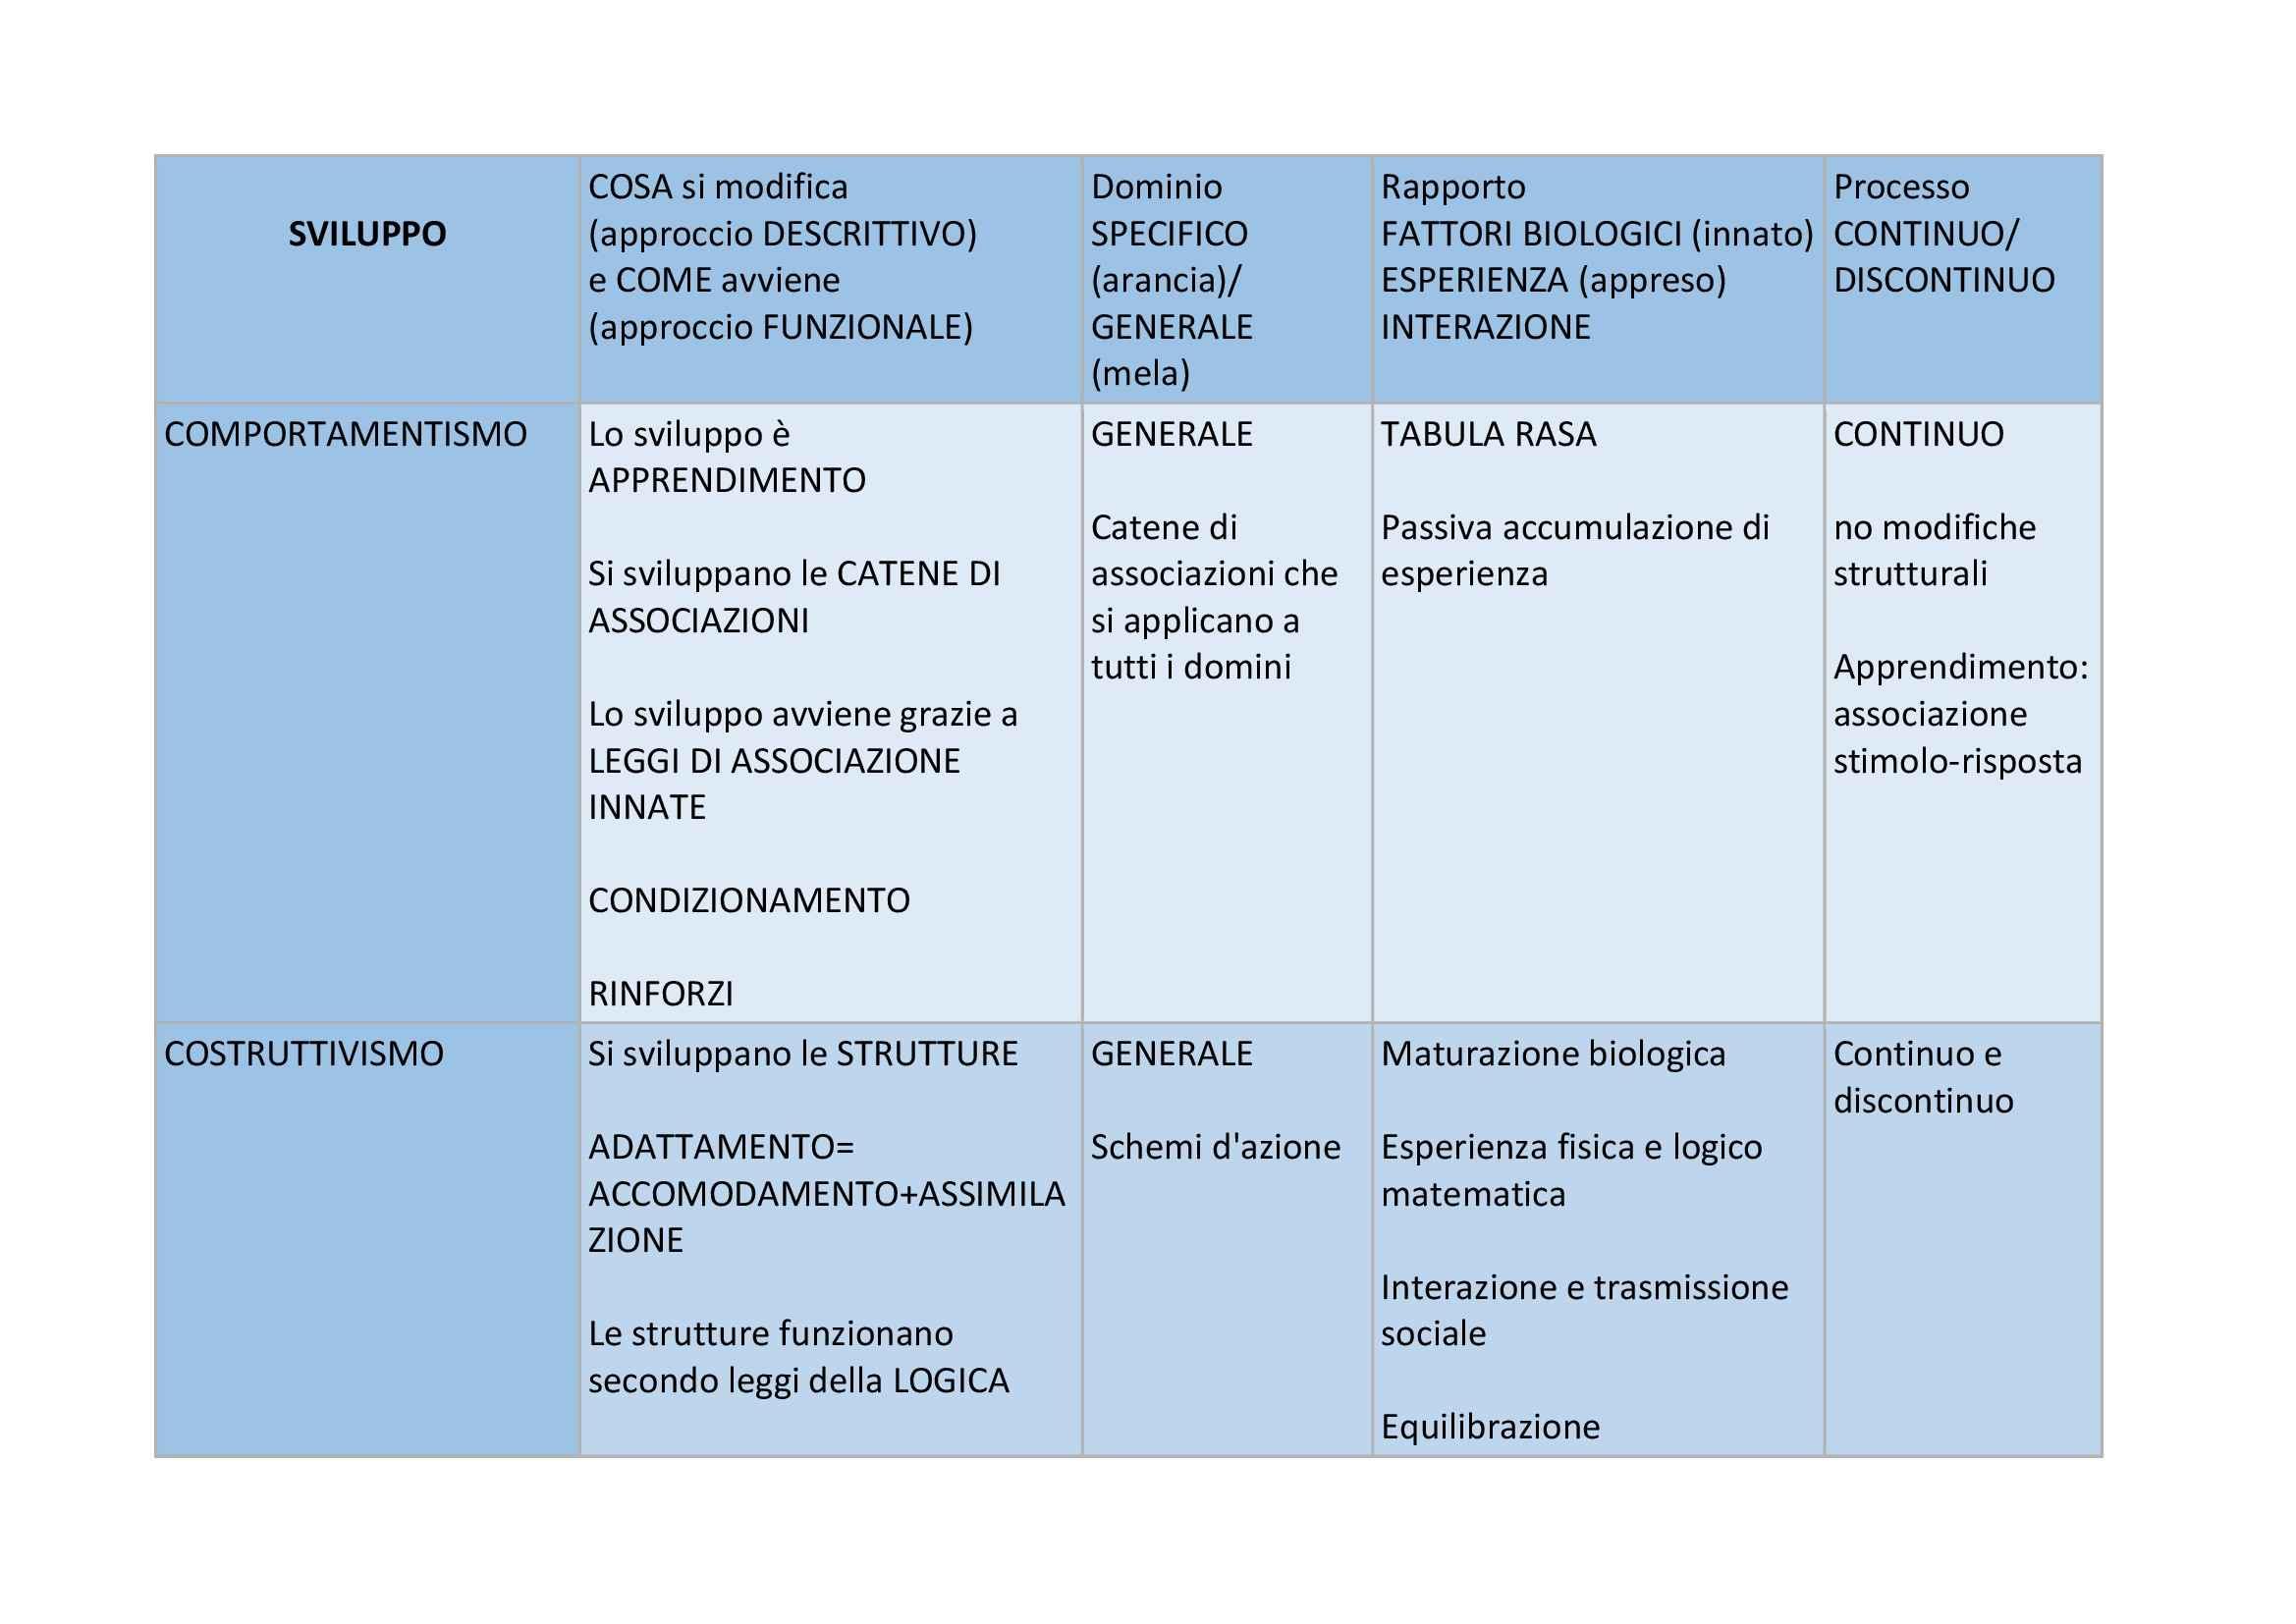 Psicologia dello sviluppo congitivo - schema sviluppo